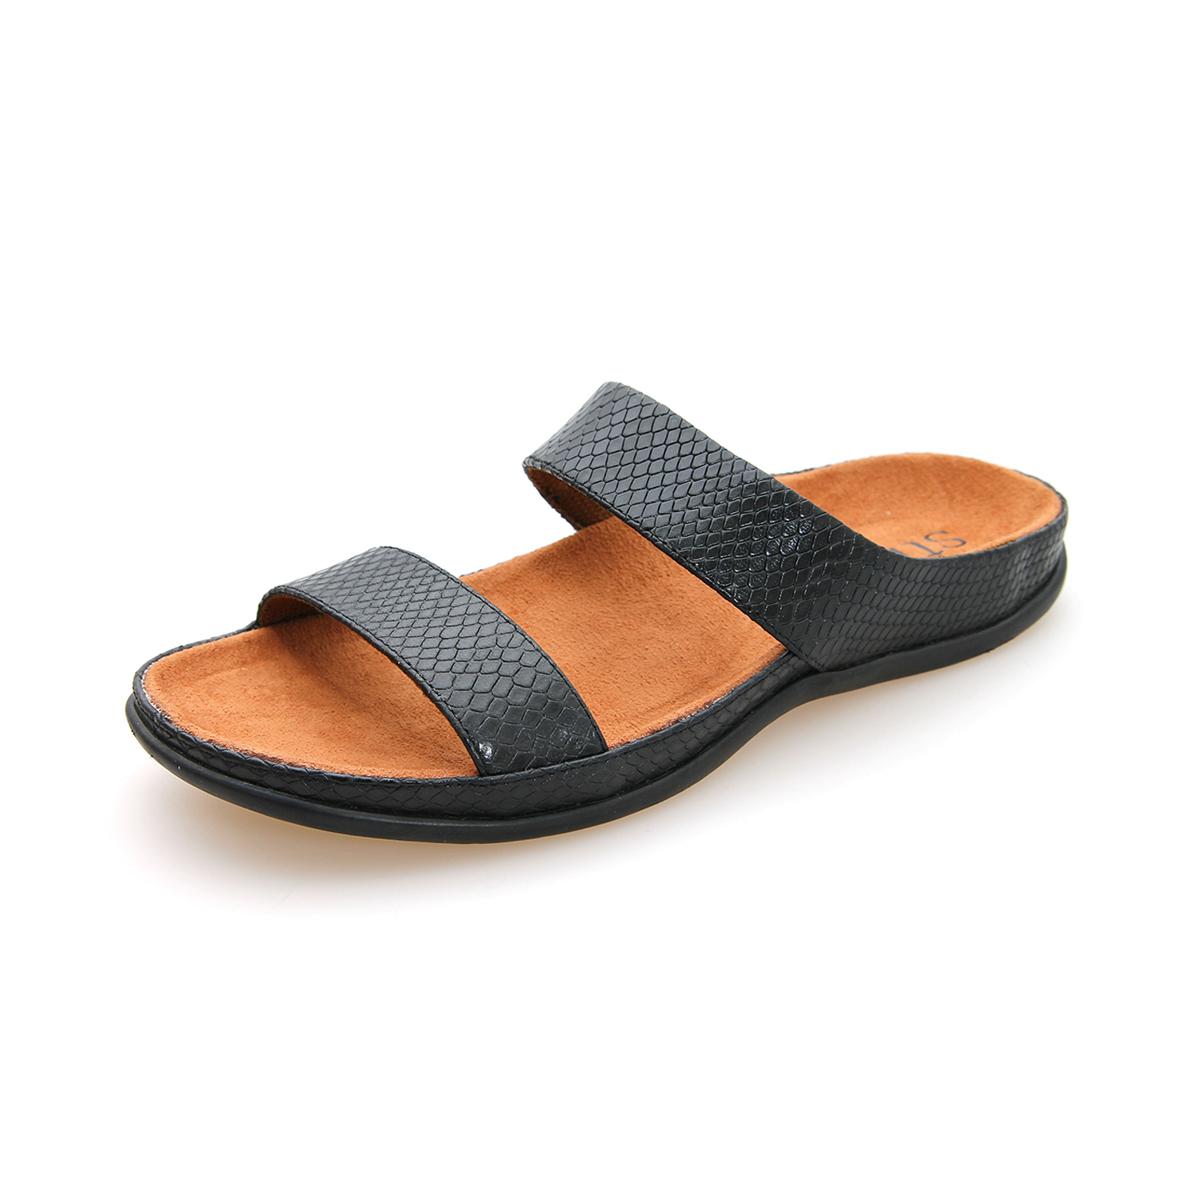 スニーカー感覚で歩き回れる「サンダル」|LOMBOK (23-23.5cm) 独自開発の立体インソールで、スニーカーみたいに歩き回れる「サンダル」